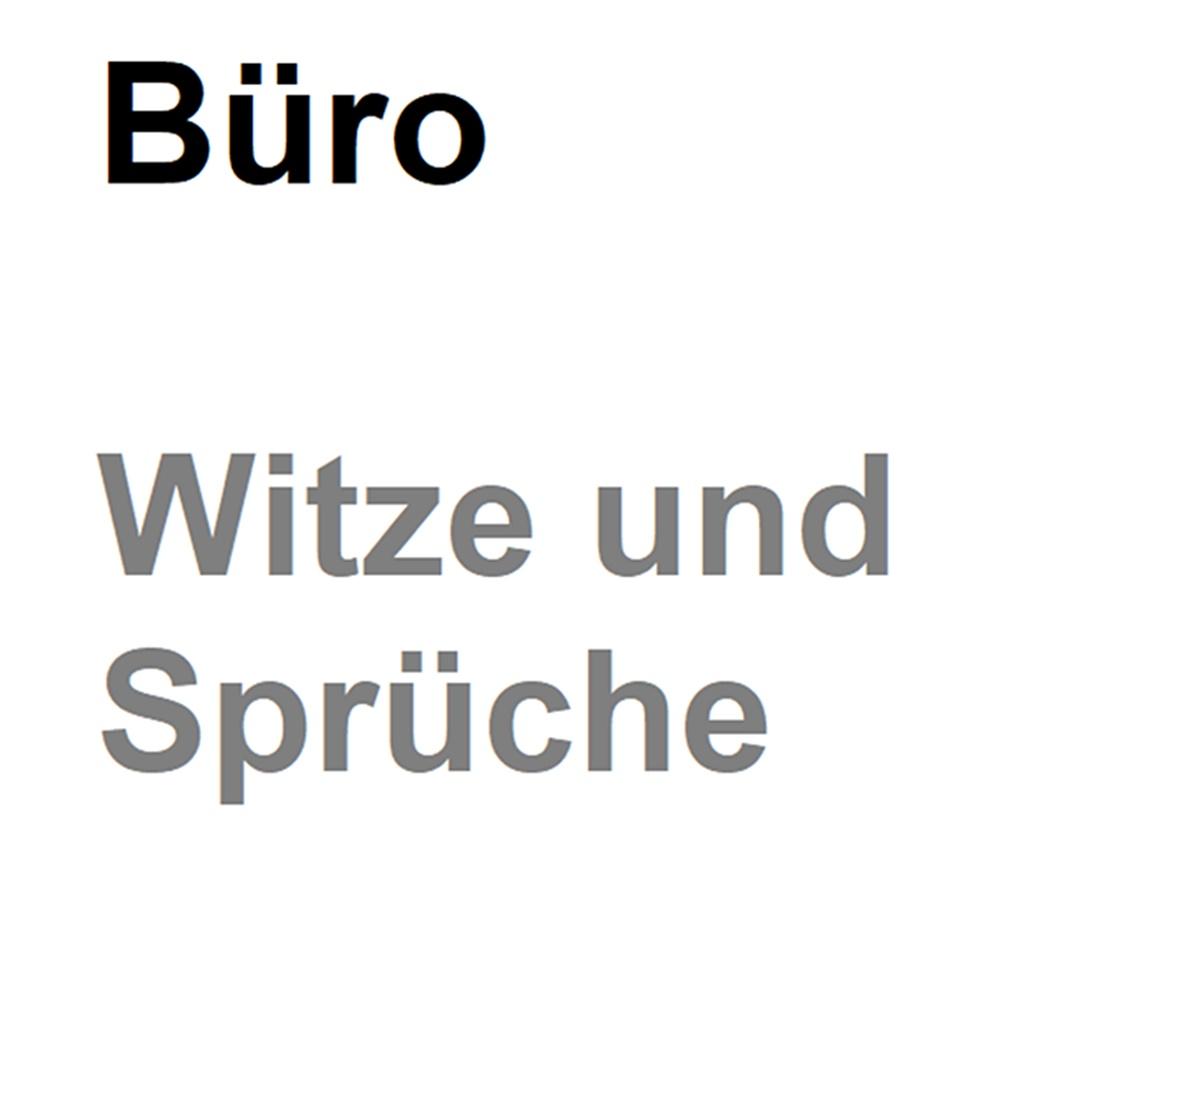 Bürowitze Und Lustige Sprüche Okze 1500 Top